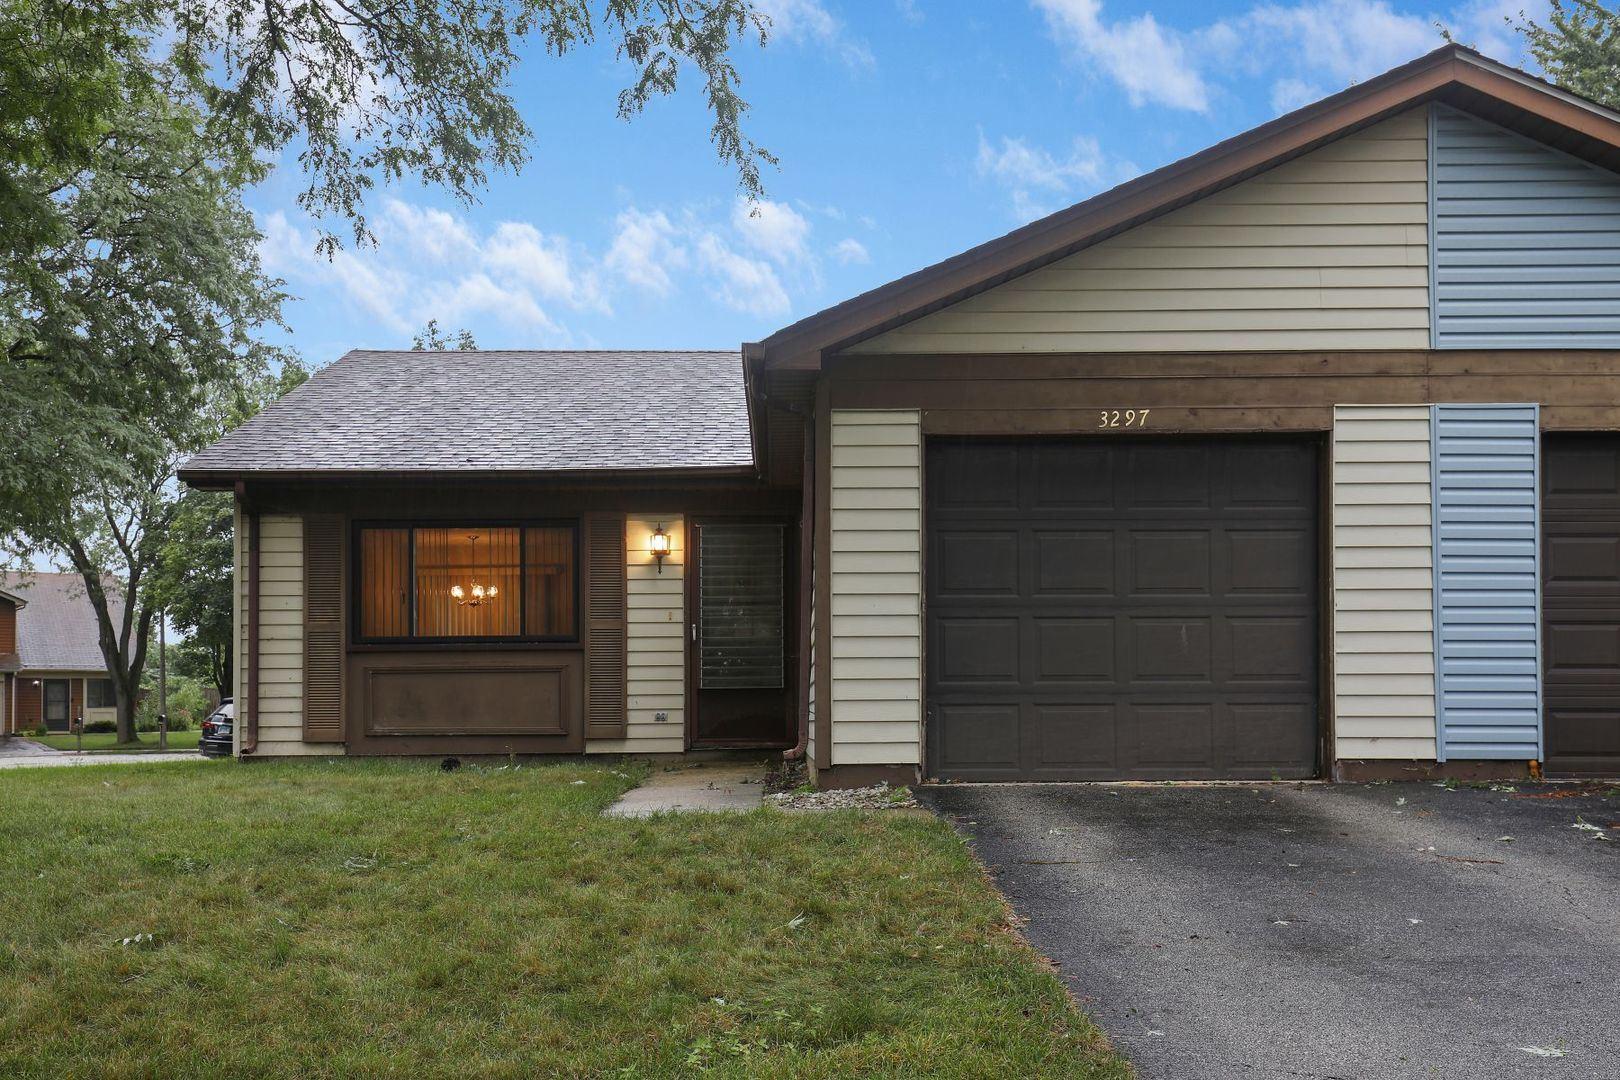 3297 Fox Hill Road, Aurora, IL 60504 - #: 11190059